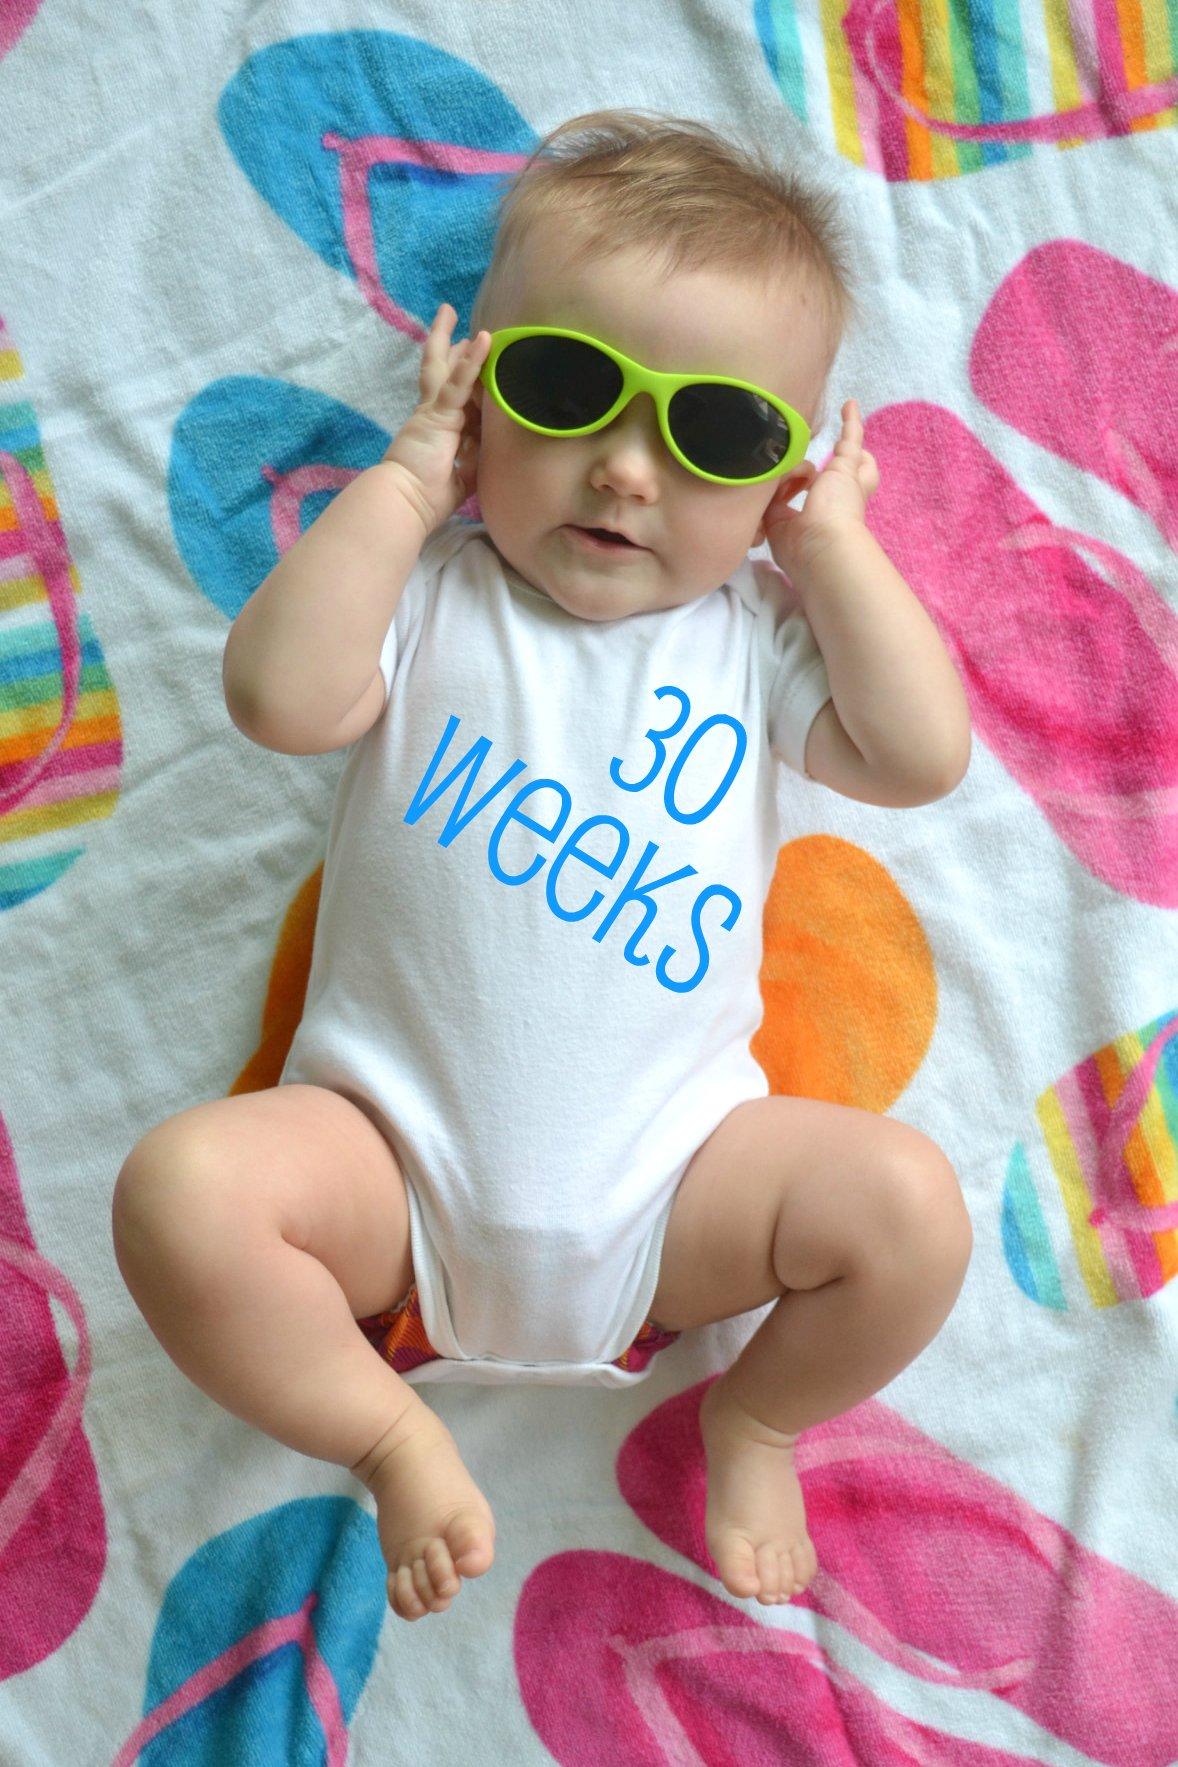 onesie 30 weeks